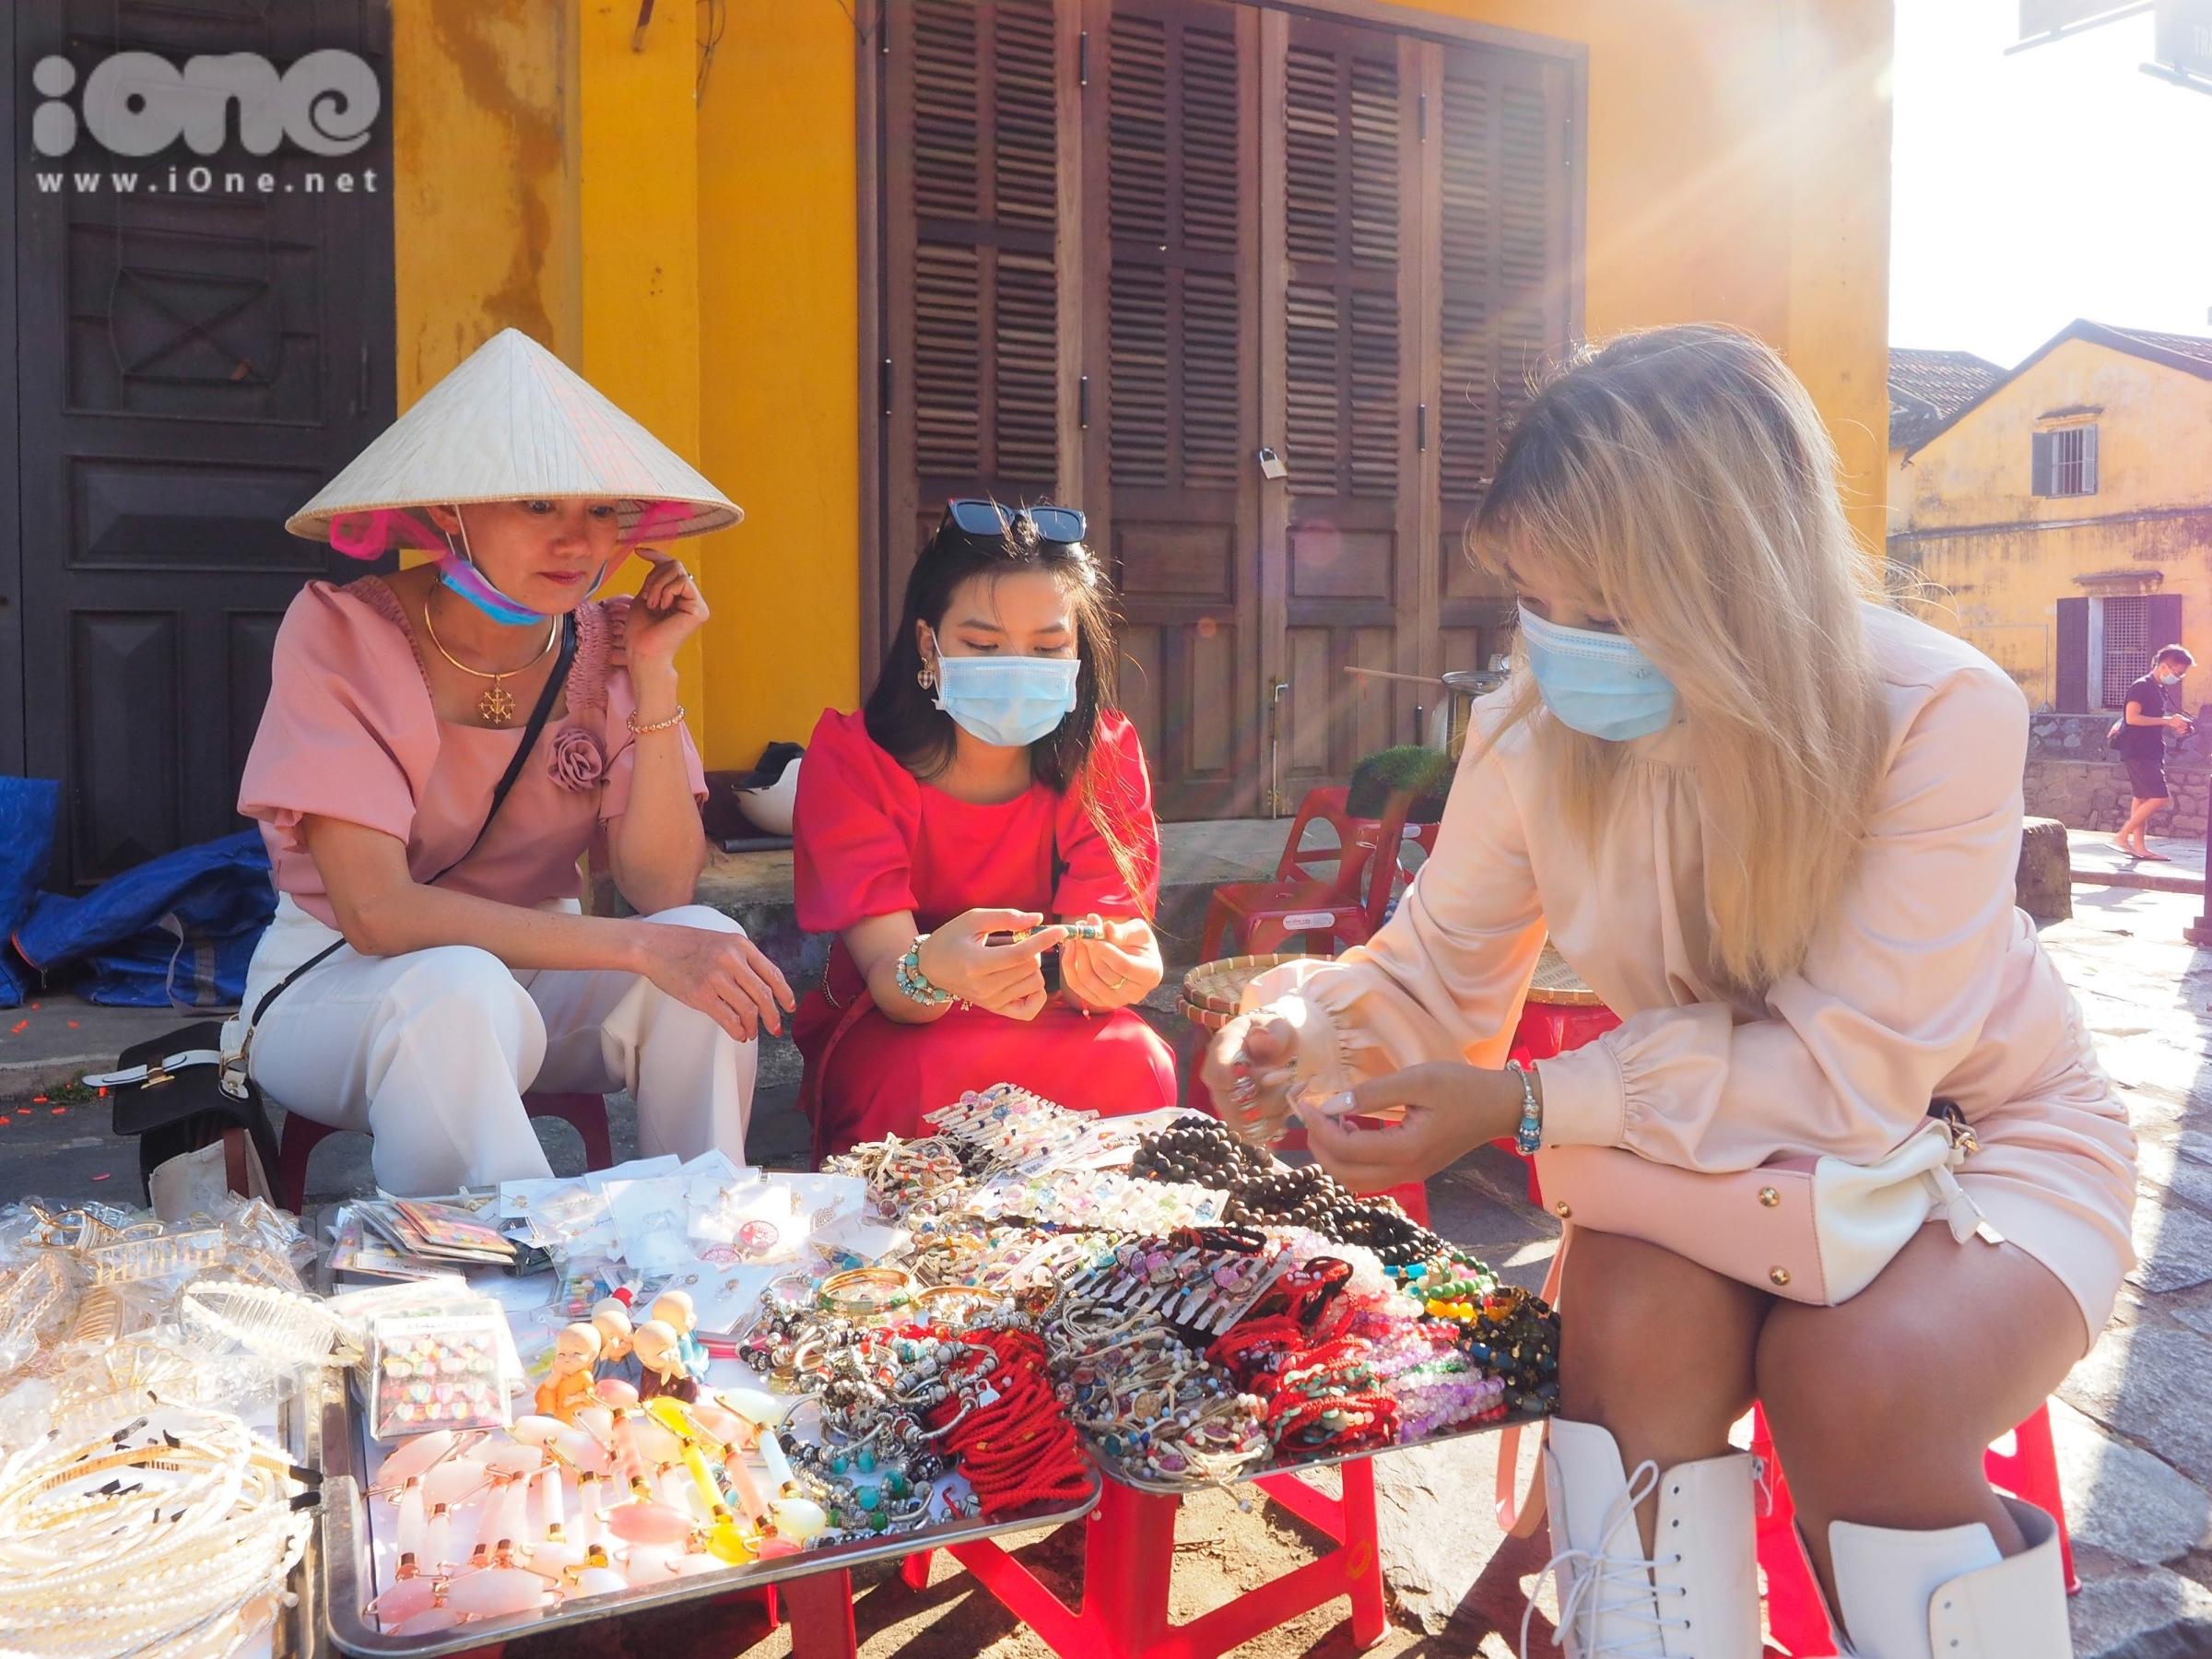 Khẩu trang được du khách đeo thường xuyên để phòng chống dịch bệnh có nguy cơ lây nhiễm.